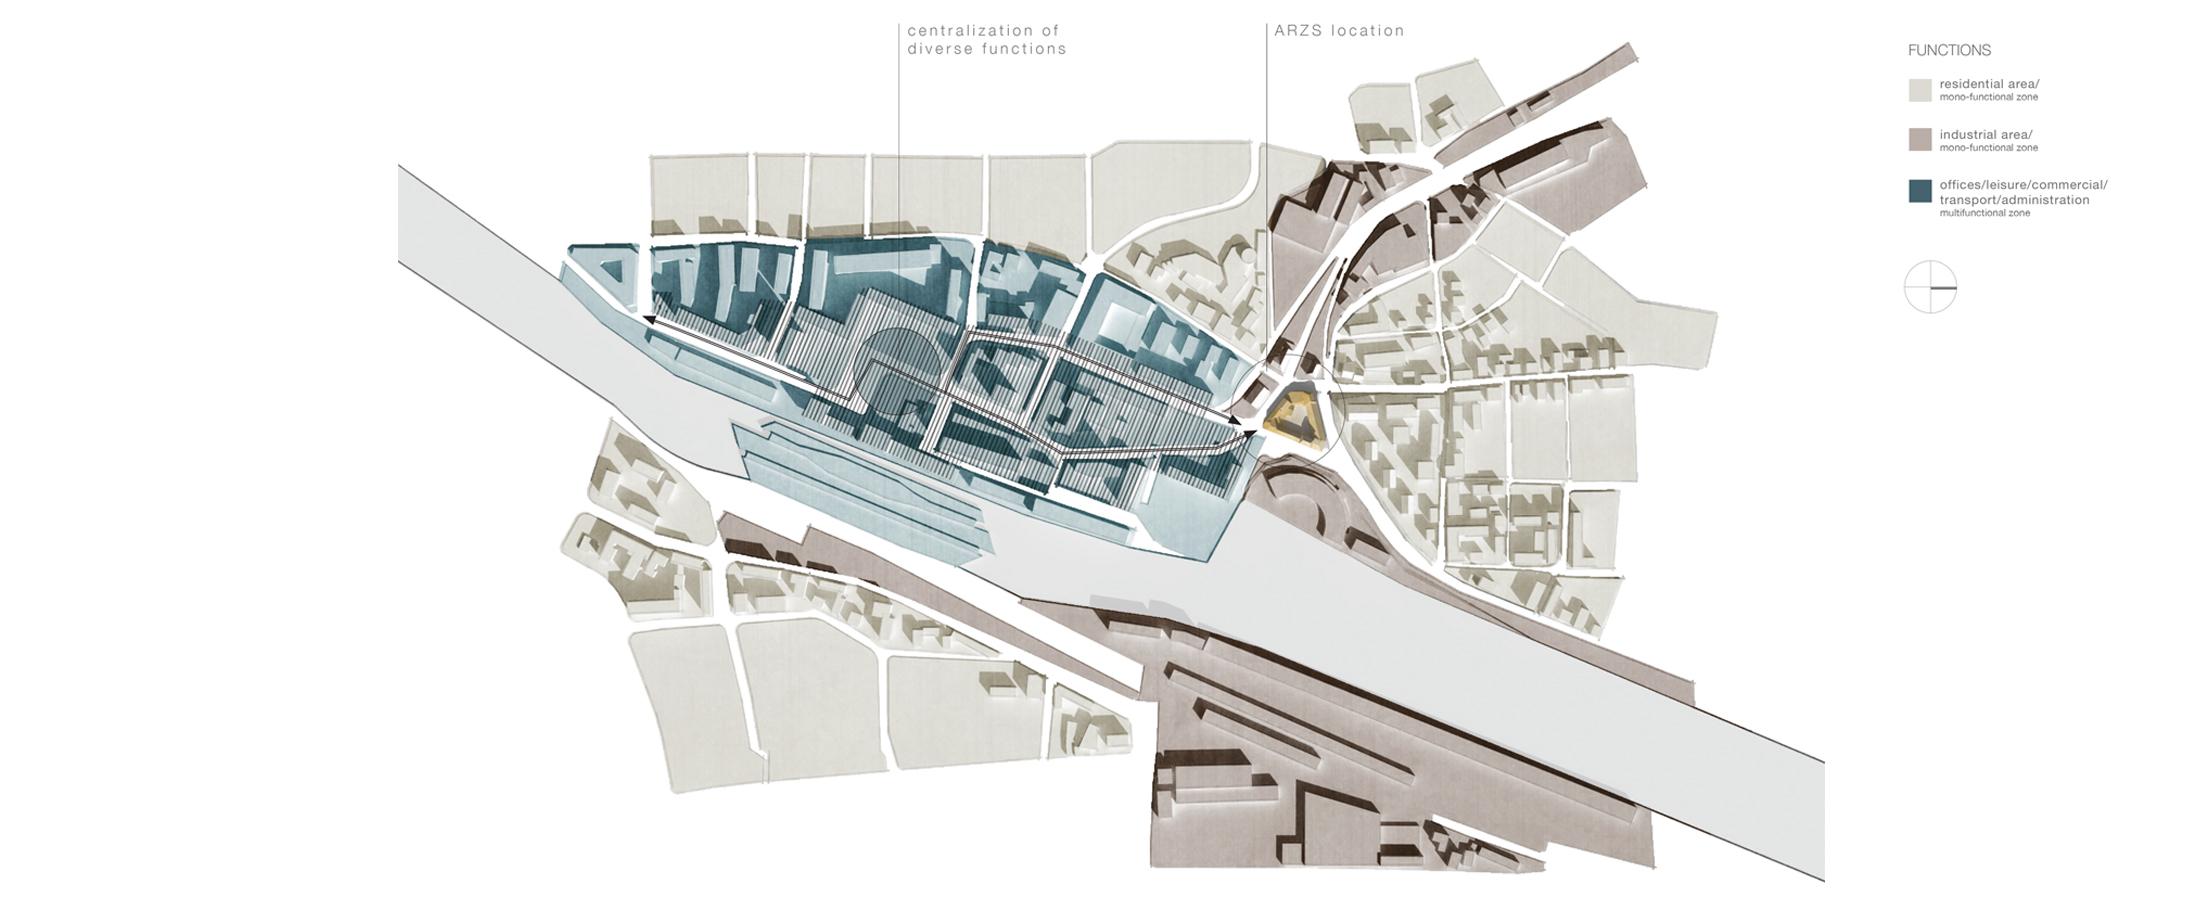 Stedenbouwkundige Studie ARZS, Salzburg